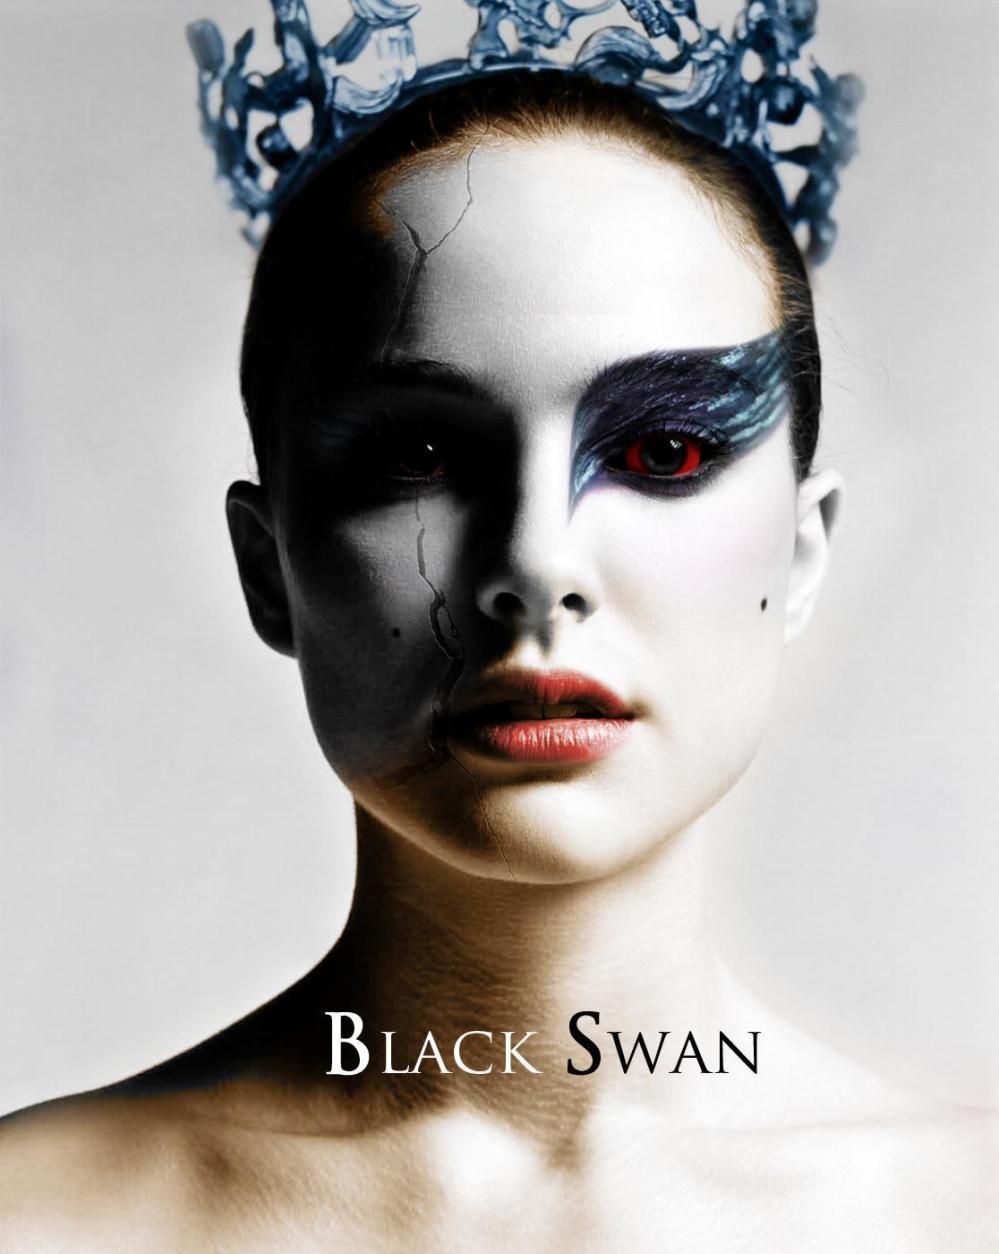 Black-Swan-Fanart-natalie-portman-20484992-1116-1400